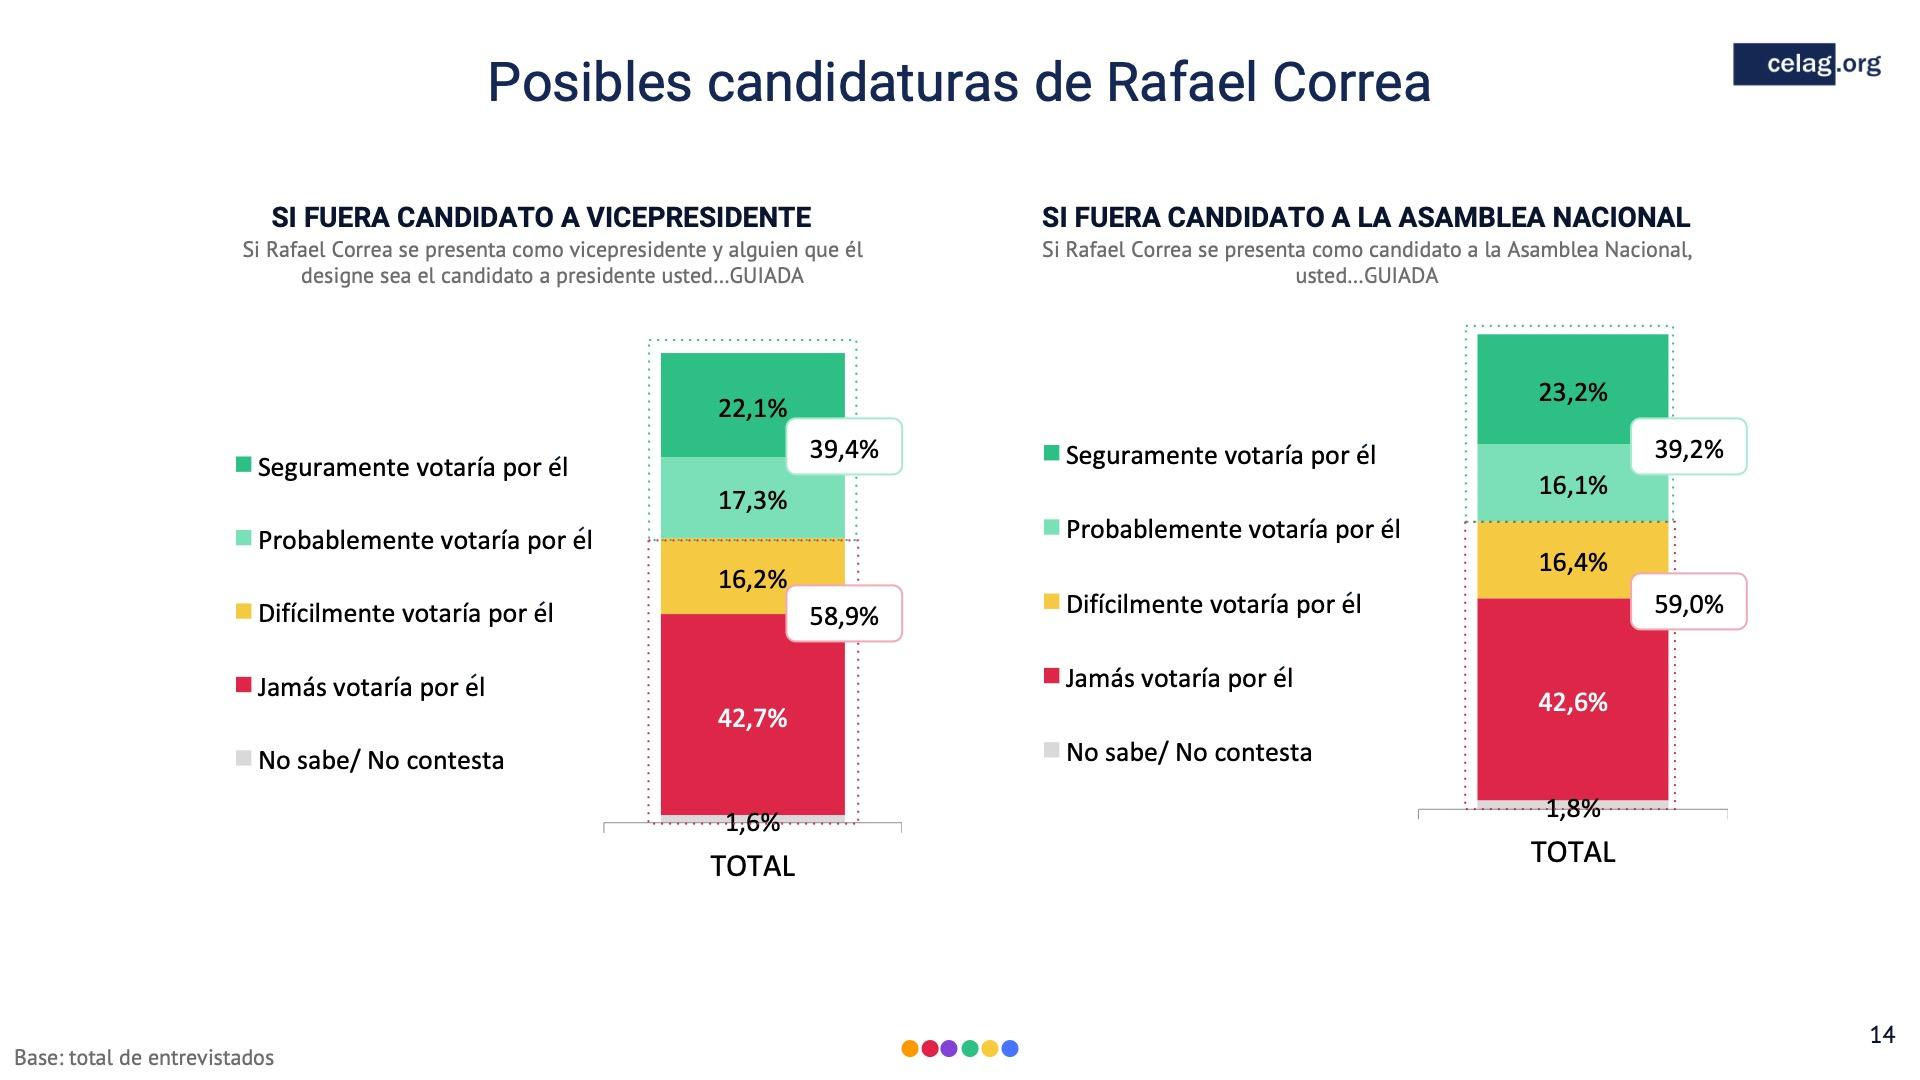 14 Posibles candidaturas Rafael Correa